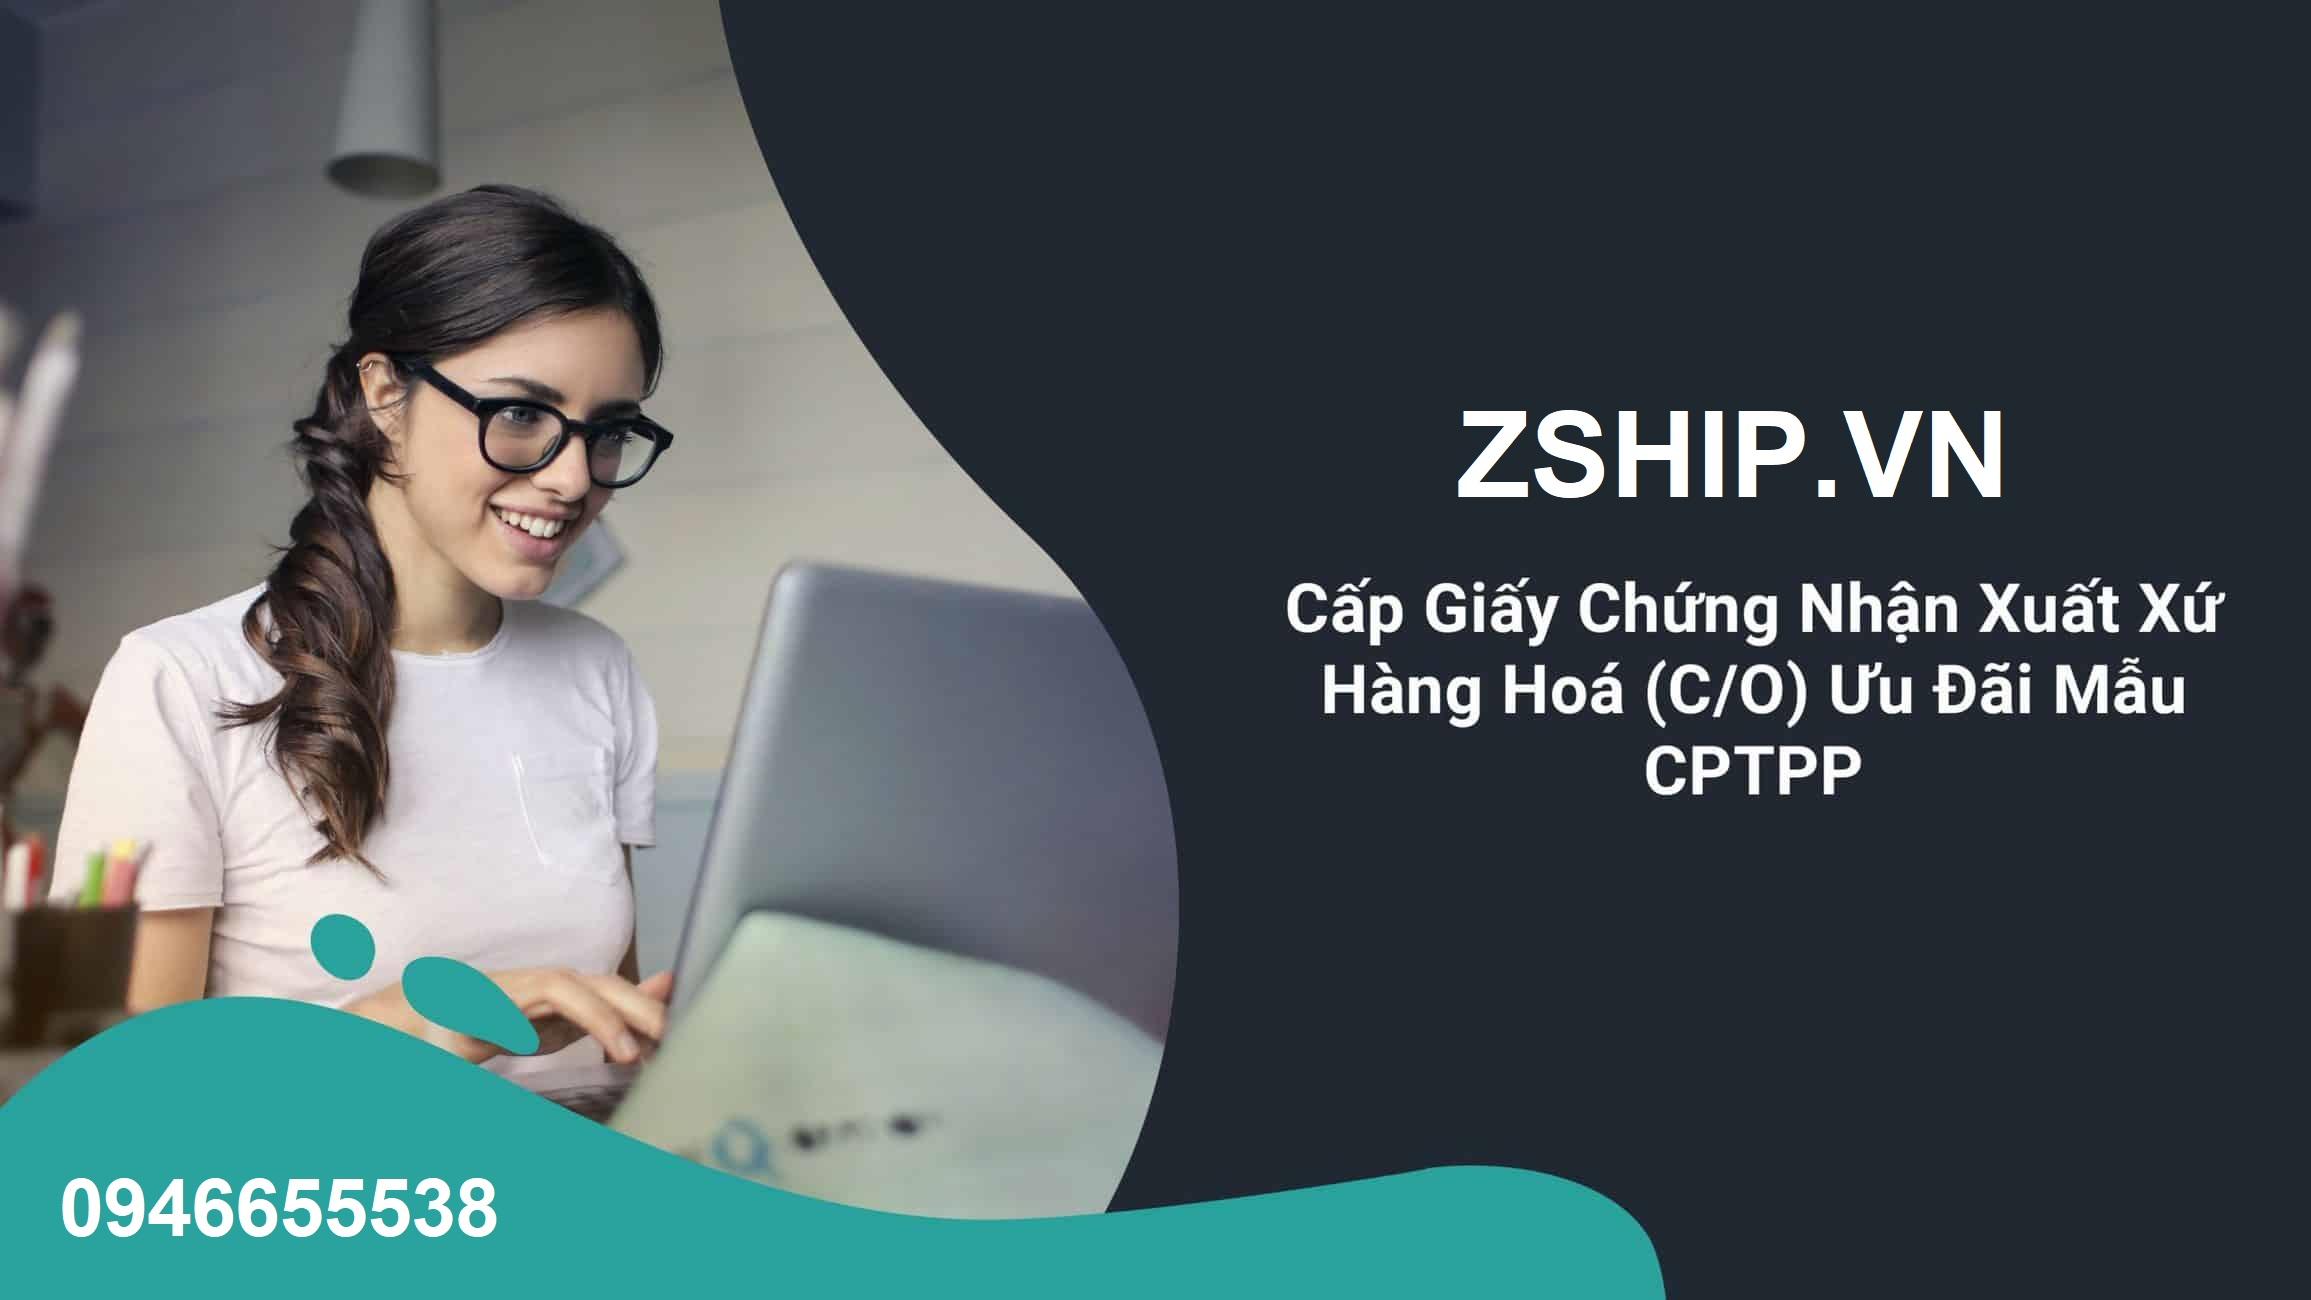 Hướng dẫn thủ tục xin C/O Form CPTPP